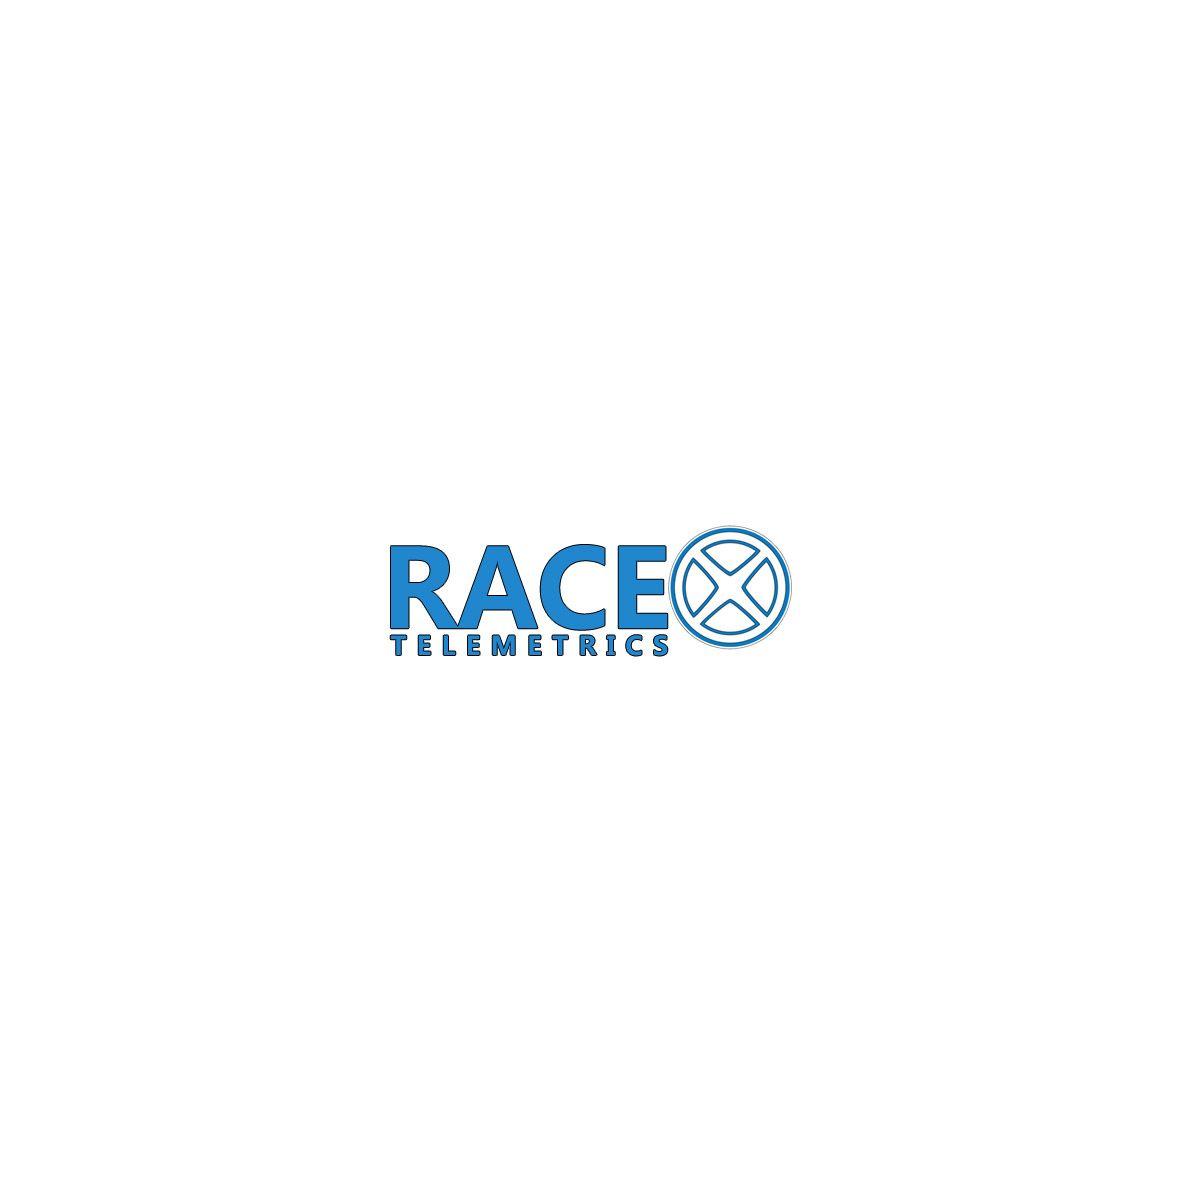 Логотип RaceX Telemetrics  - дизайнер weste32